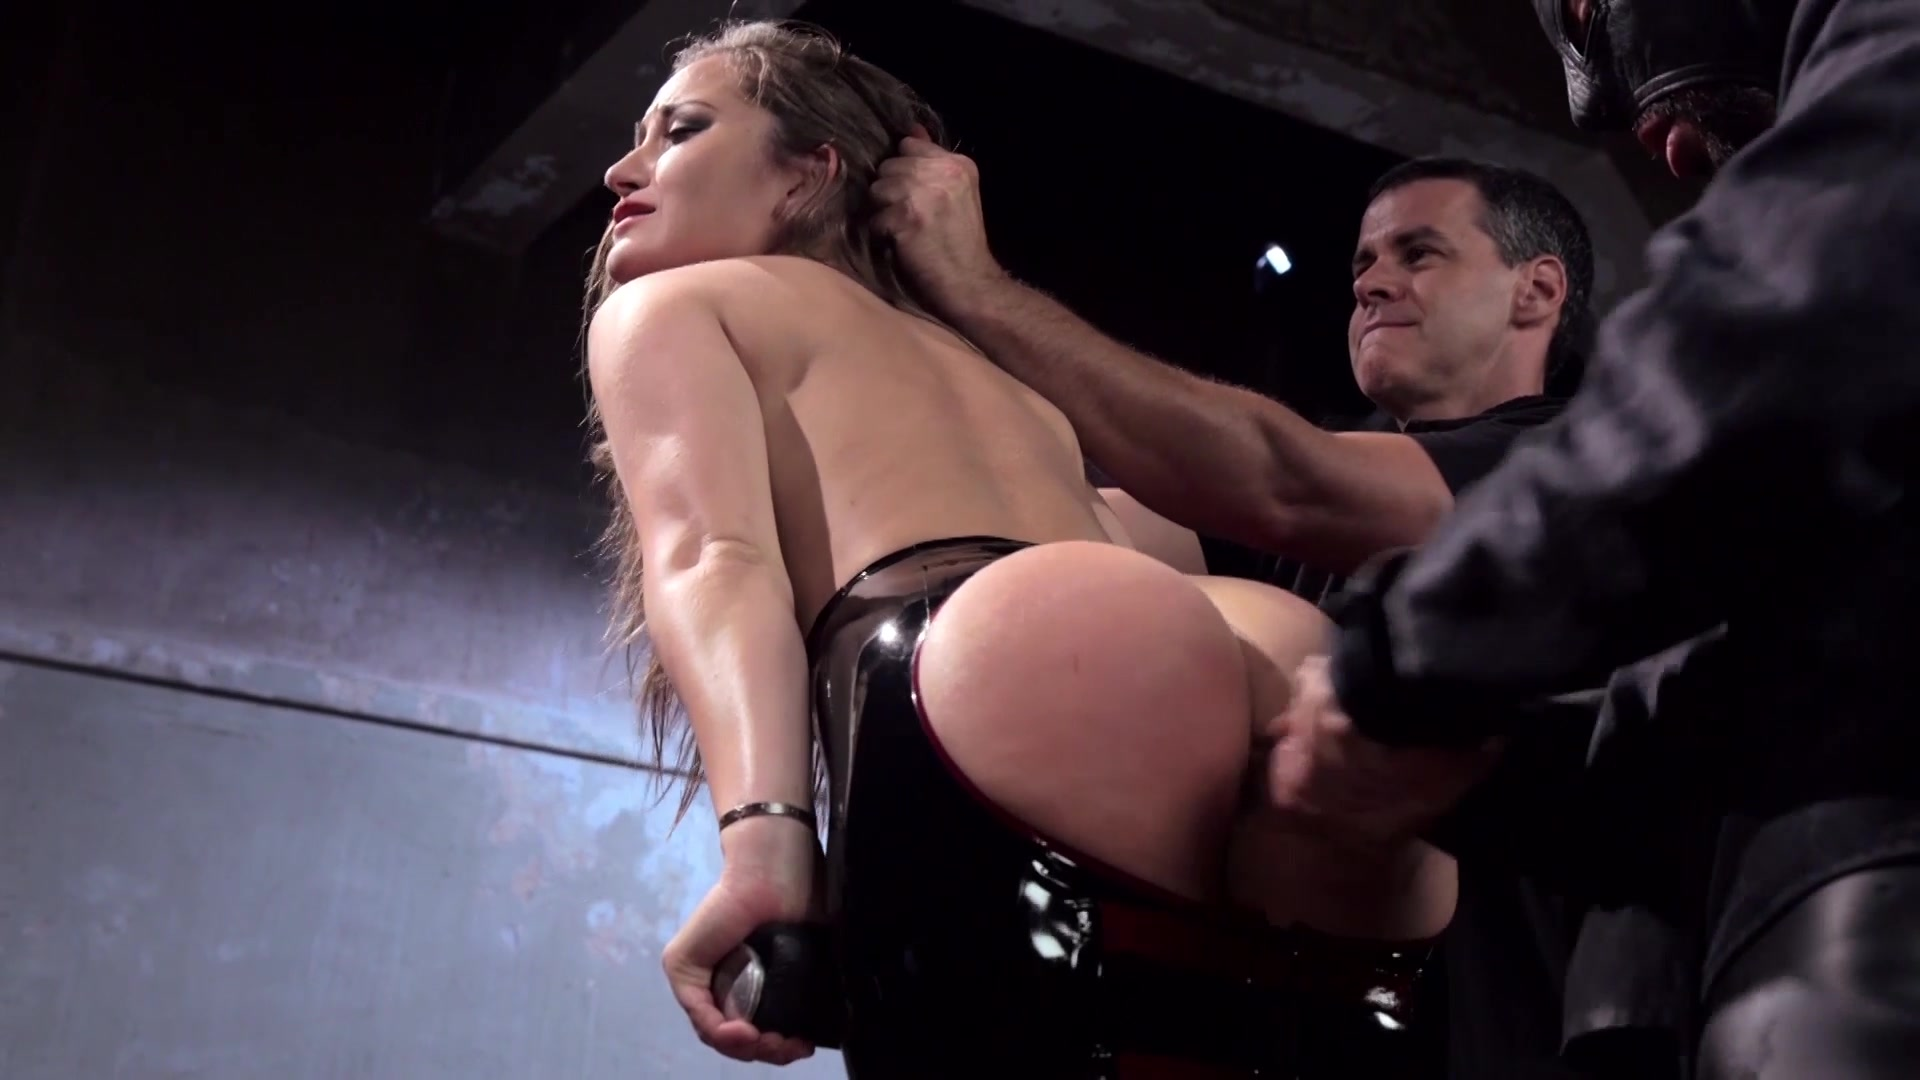 Порно с полицией дани даниэль, порно зрелых невероятное